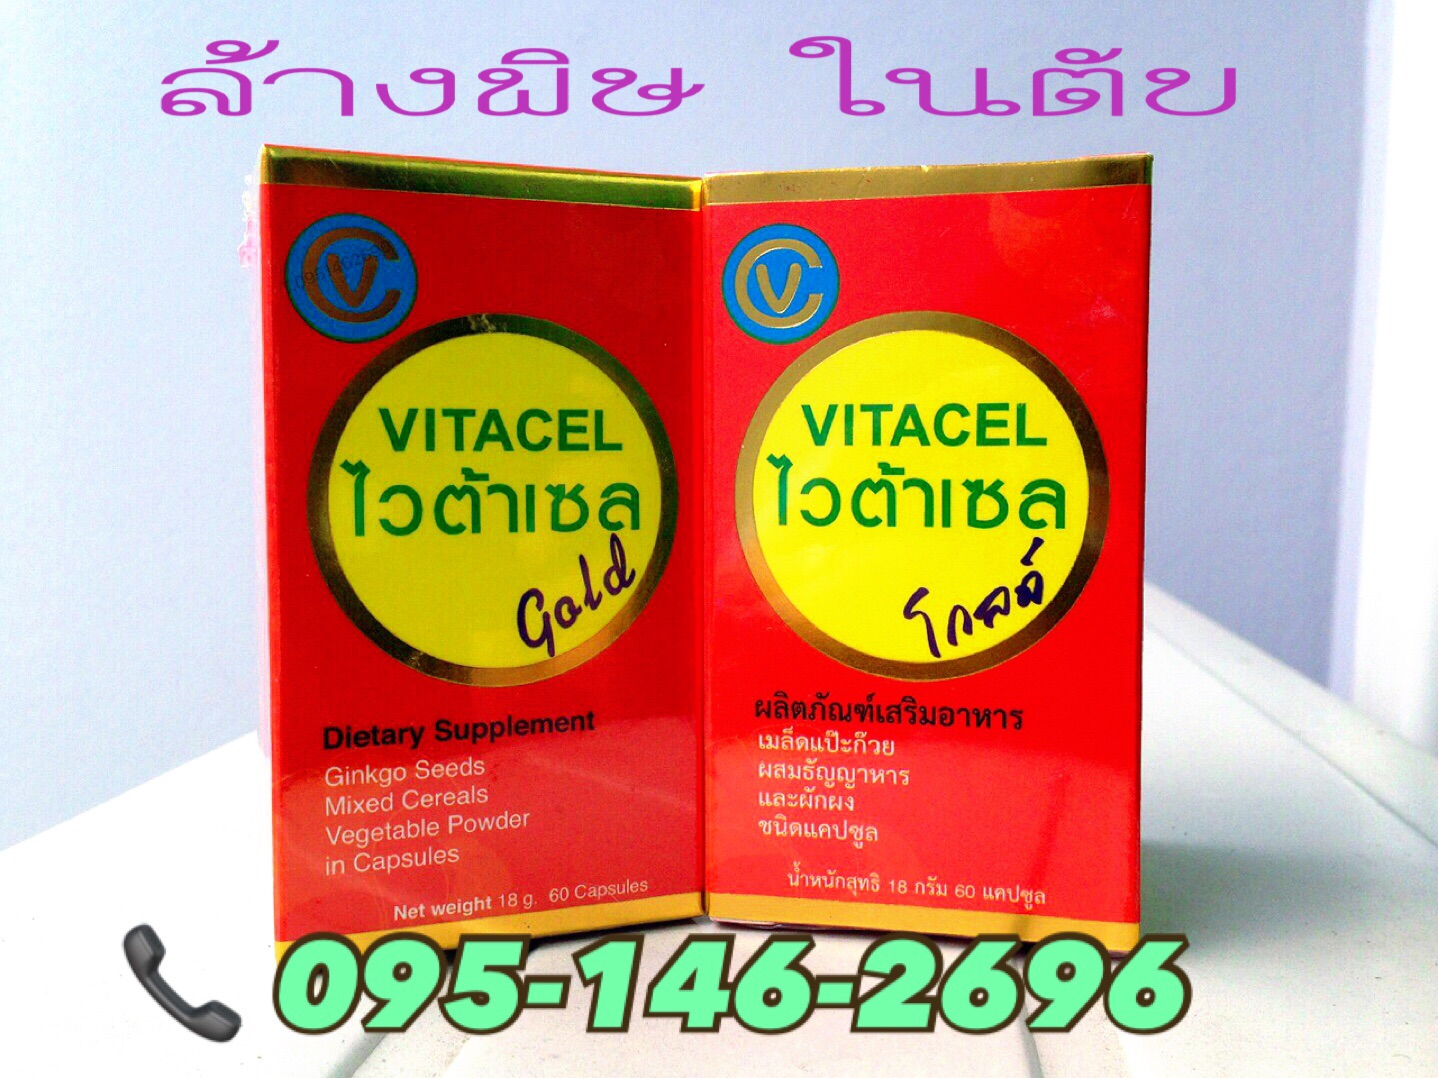 VitaCel Gold ไวตาเซลล์ โกลด์ ส่งฟรี 790 บาท